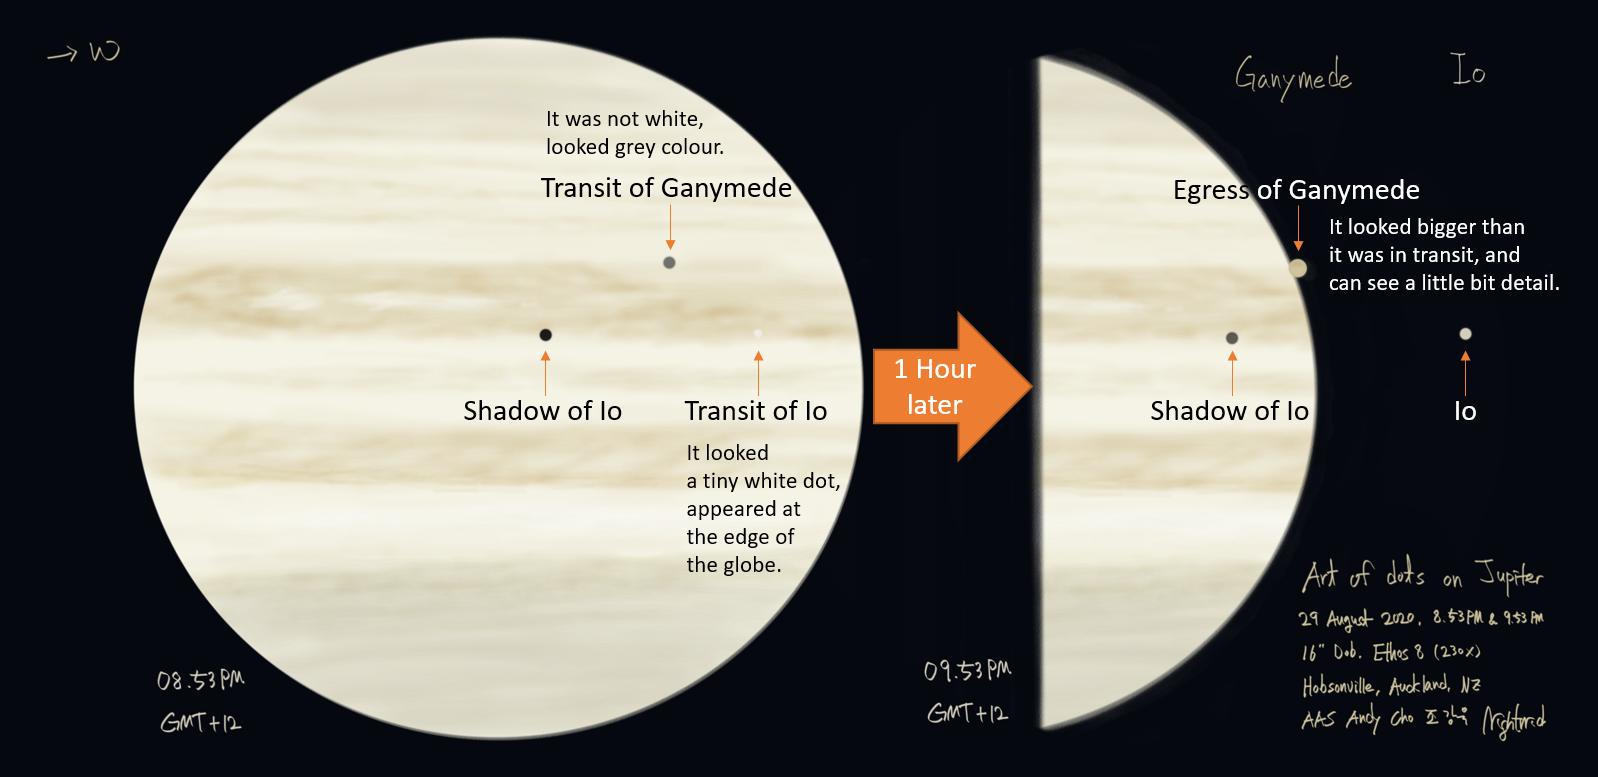 Art of dots on Jupiter (Description) 29 August 2020.PNG